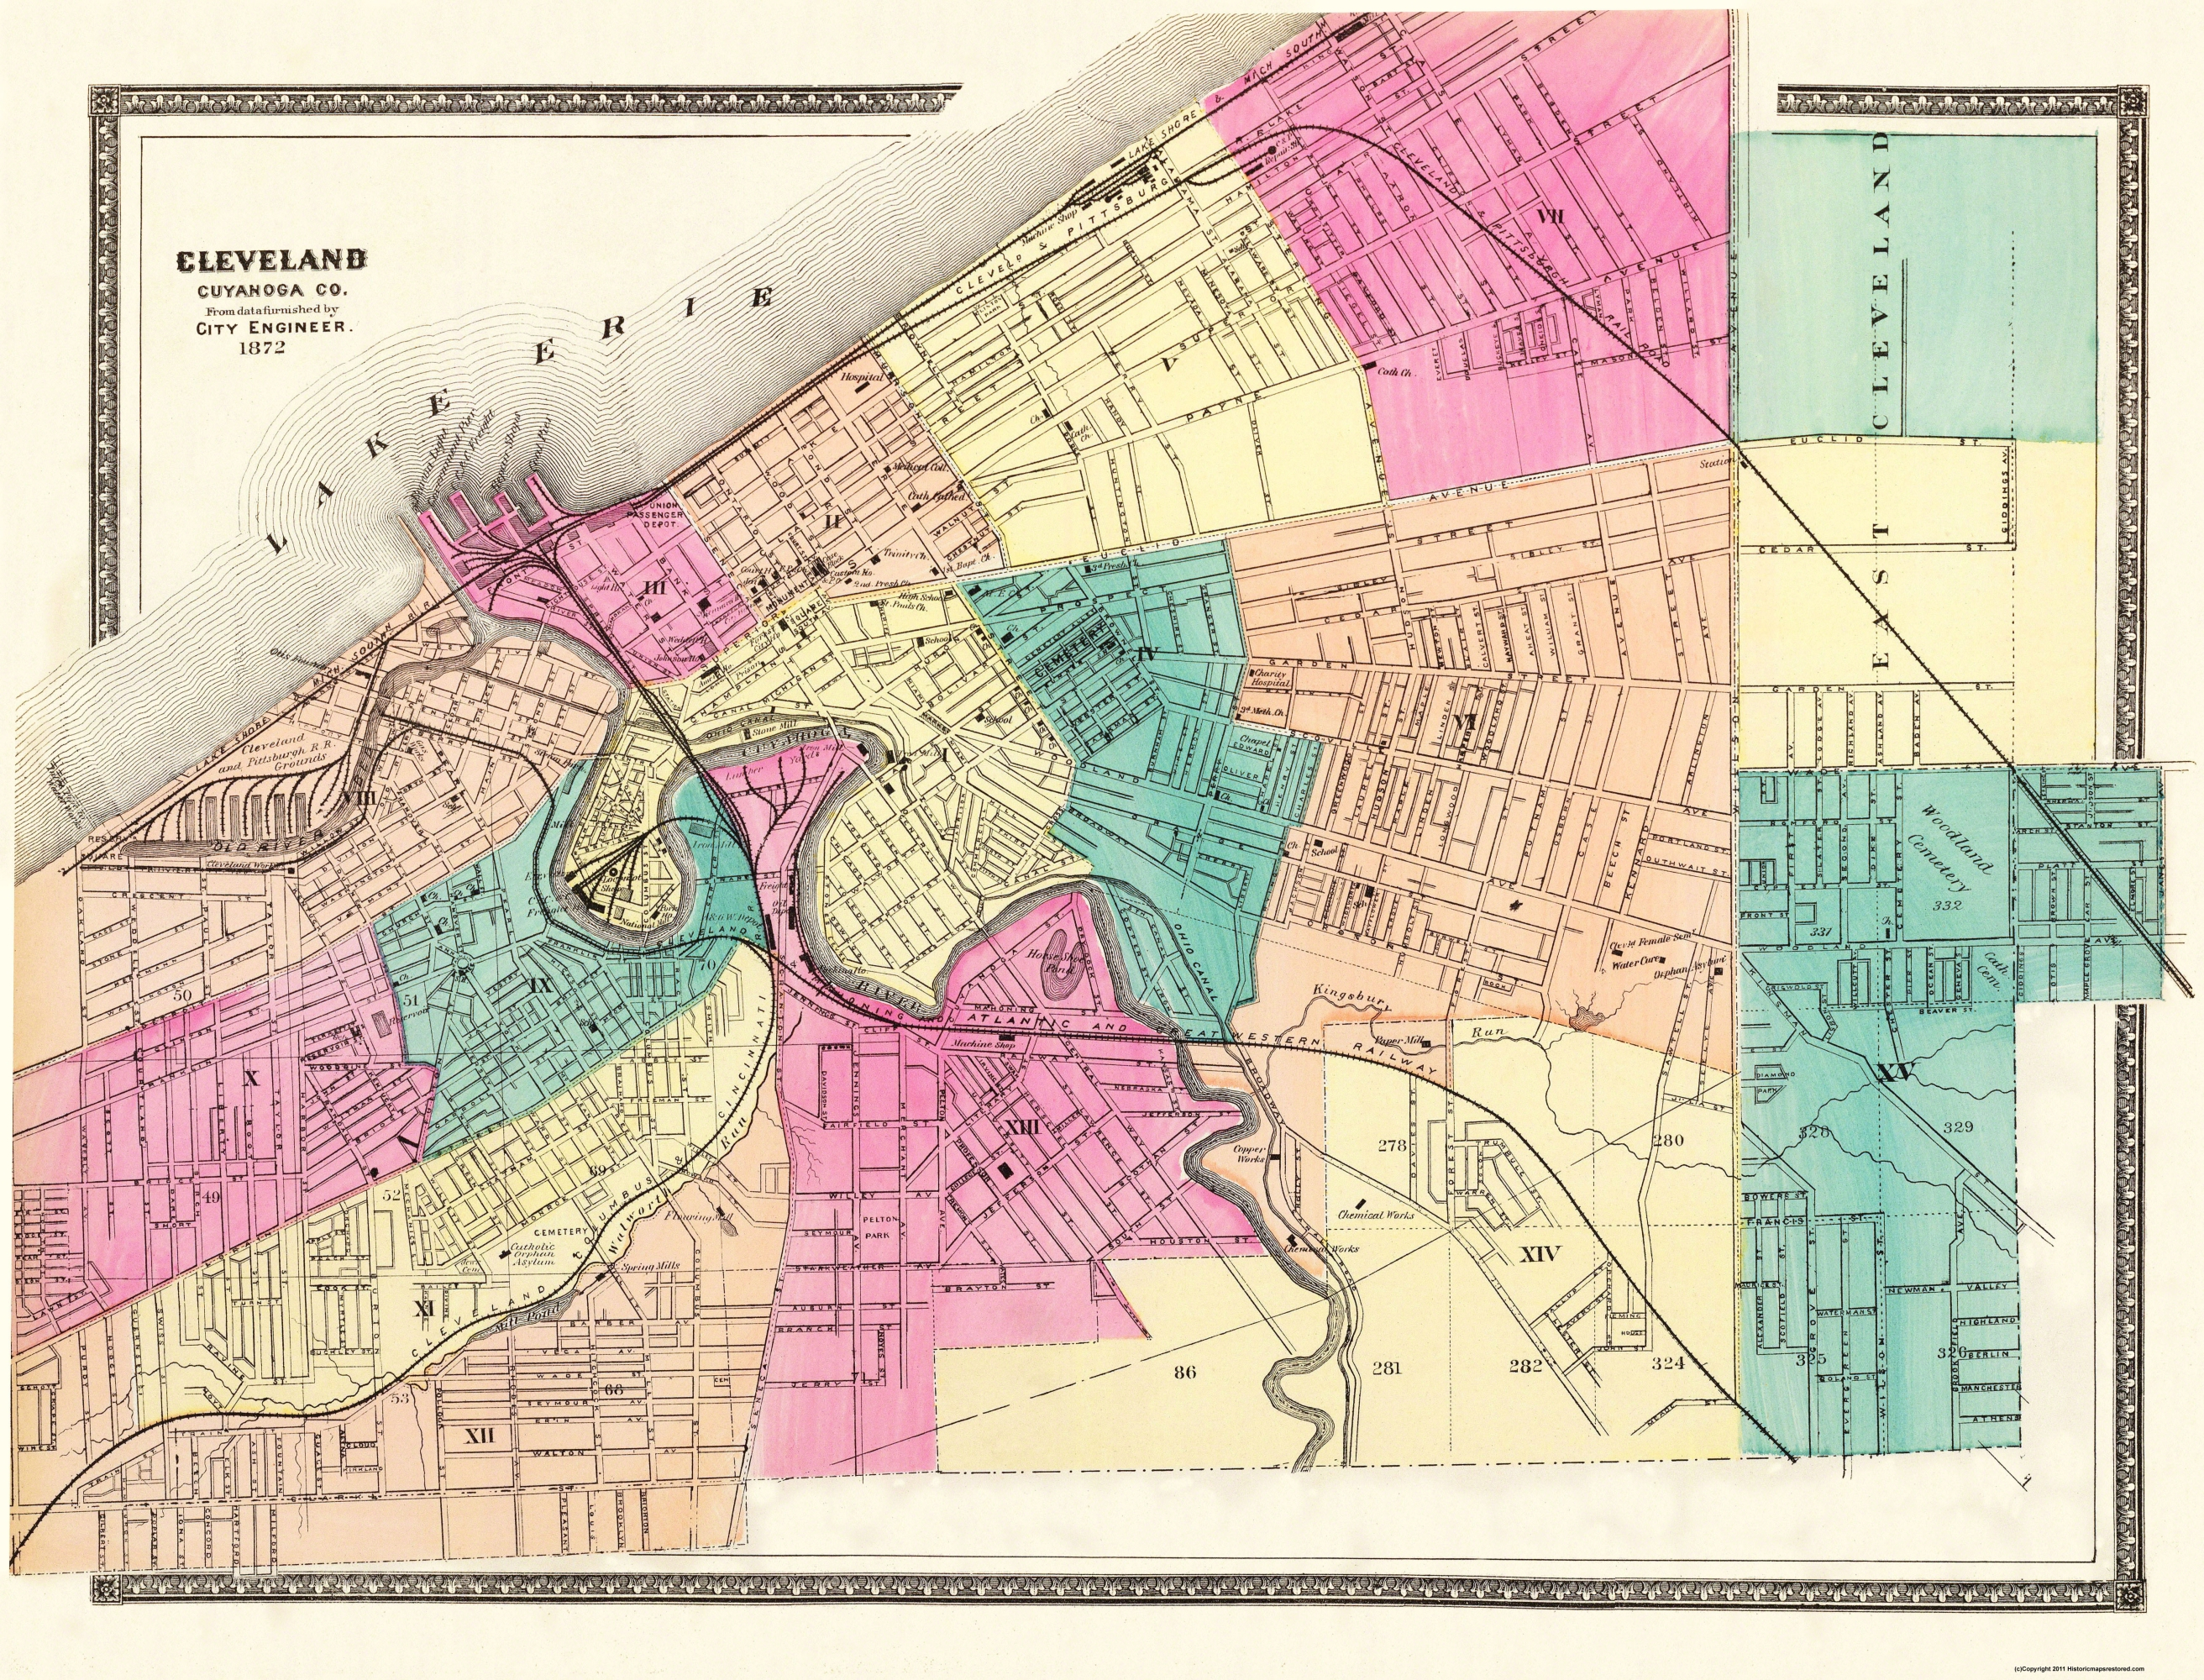 Old City Map Cleveland Ohio 1872